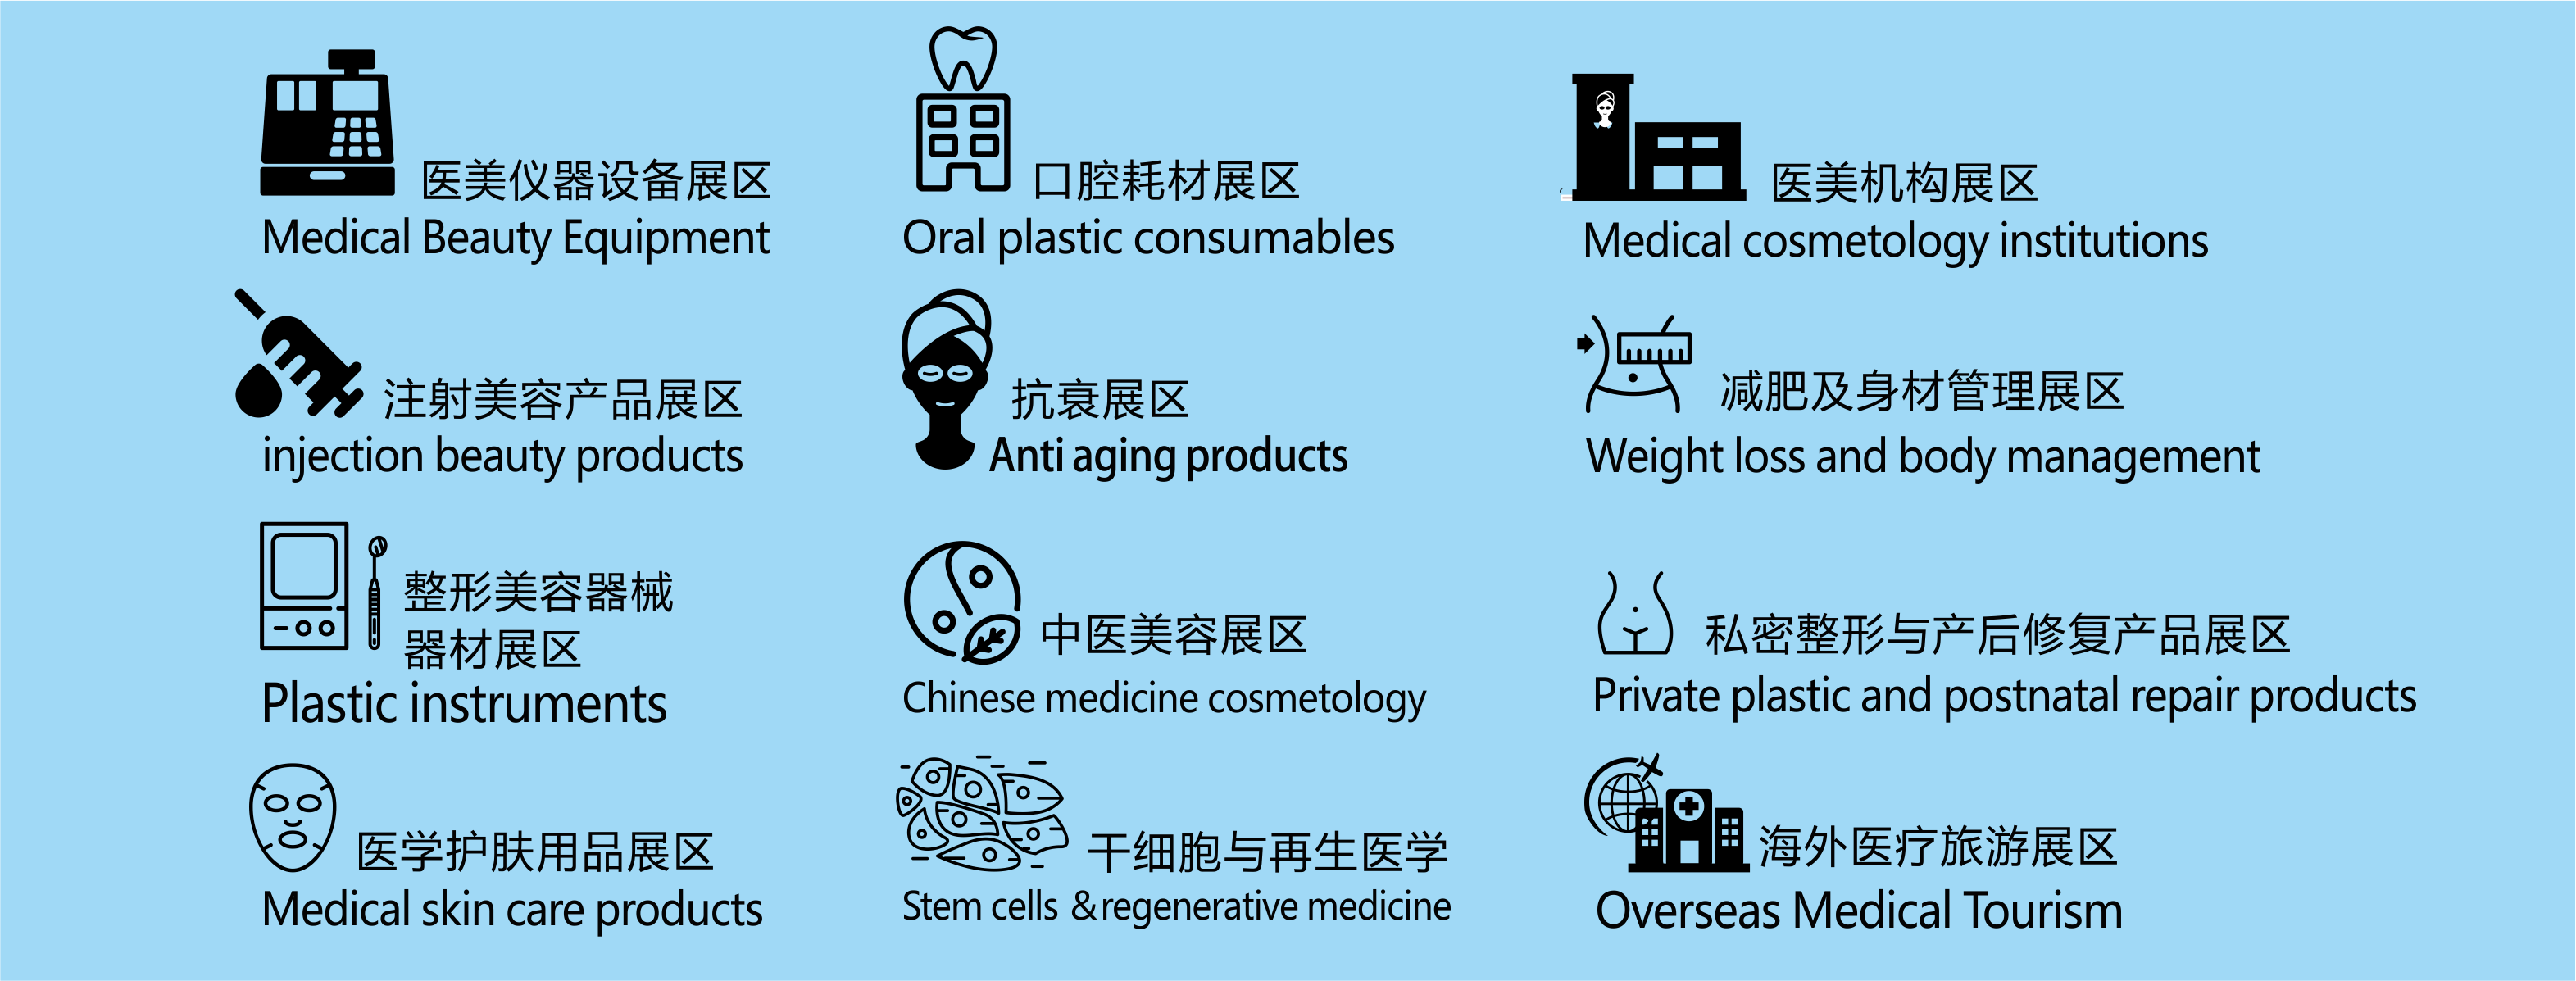 2020亚洲医学美容学术大会